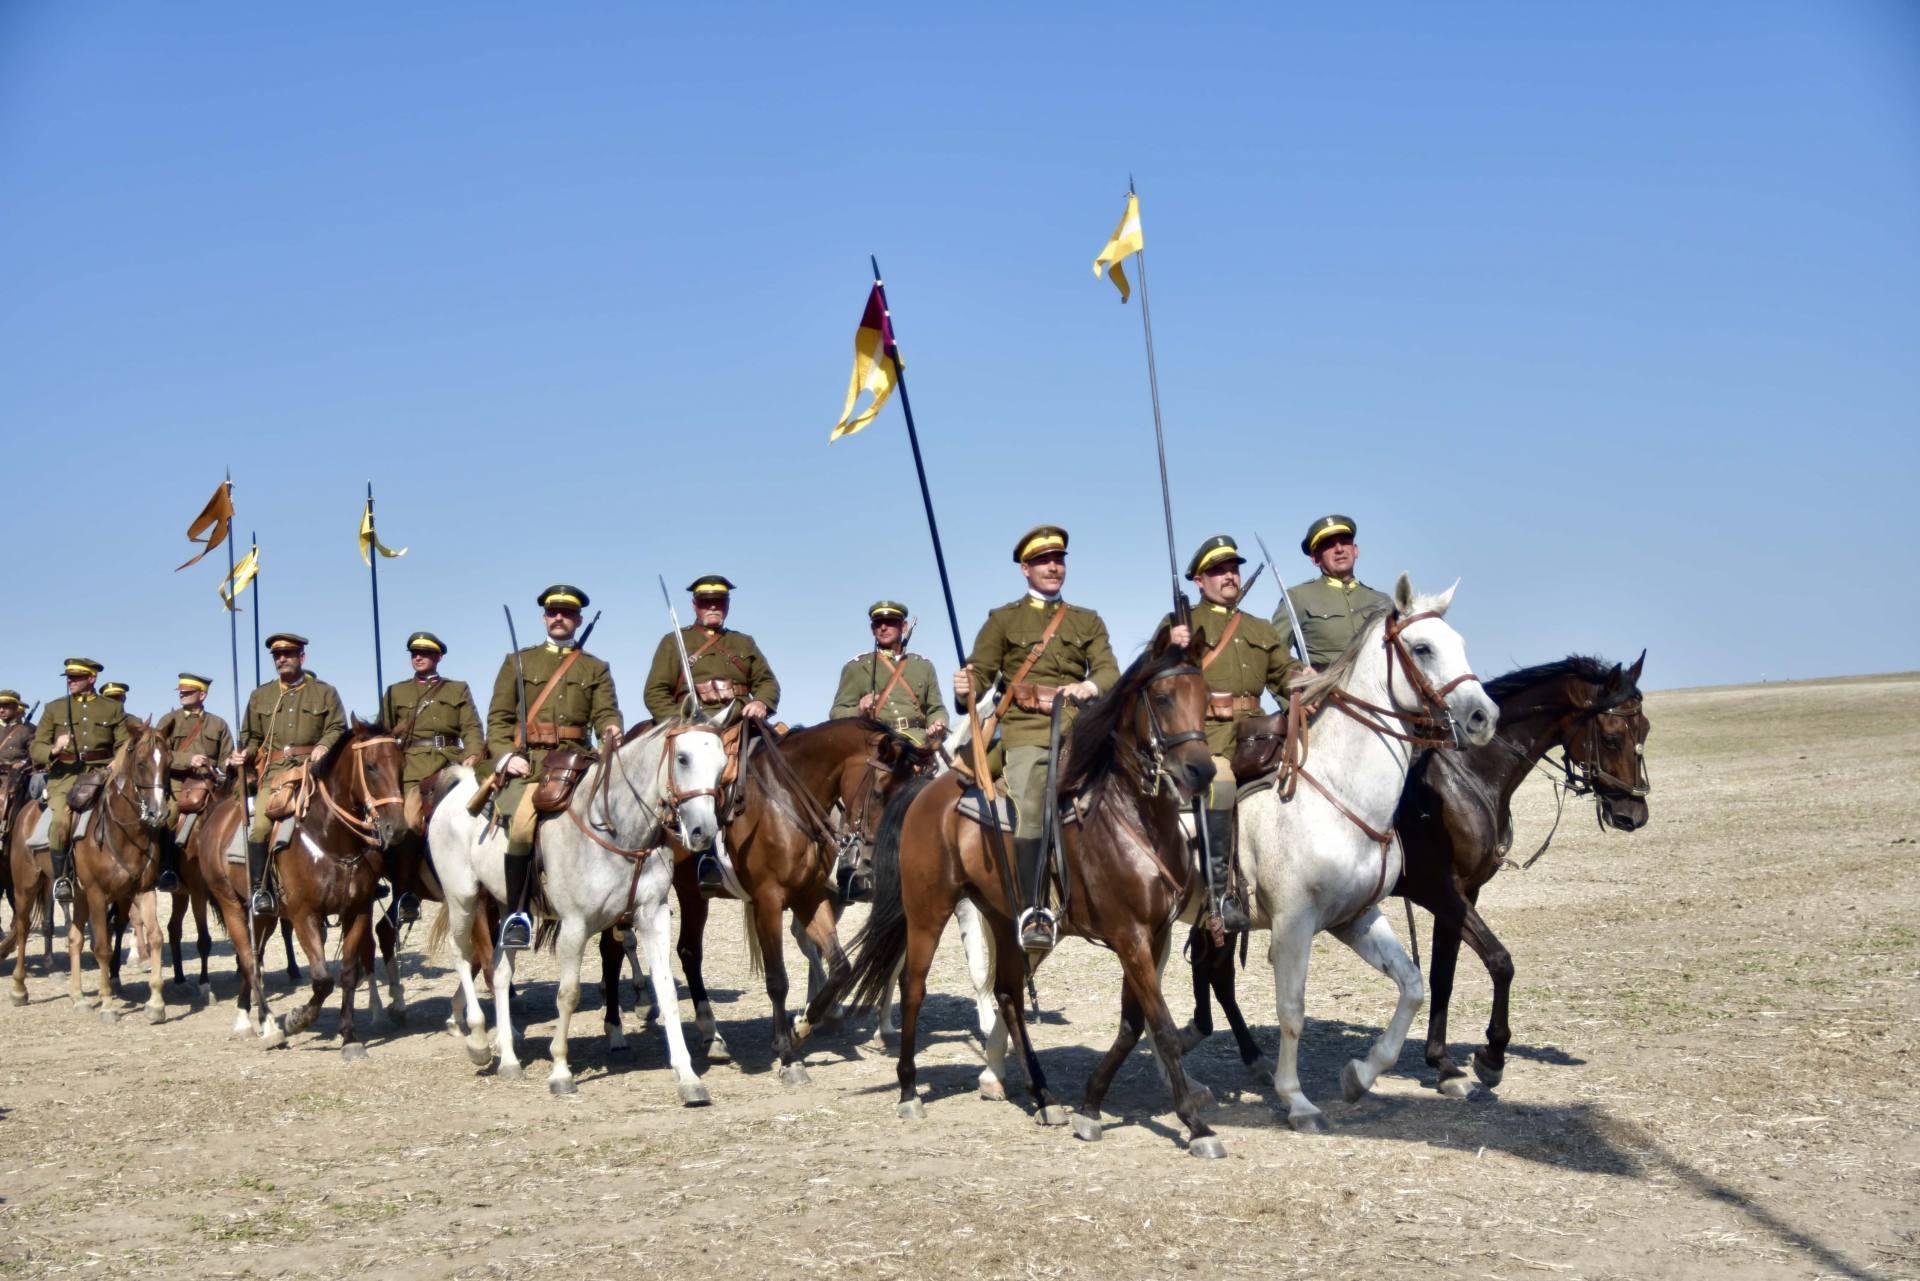 dsc 1154 Czas szabli - 100 rocznica bitwy pod Komarowem(zdjęcia)